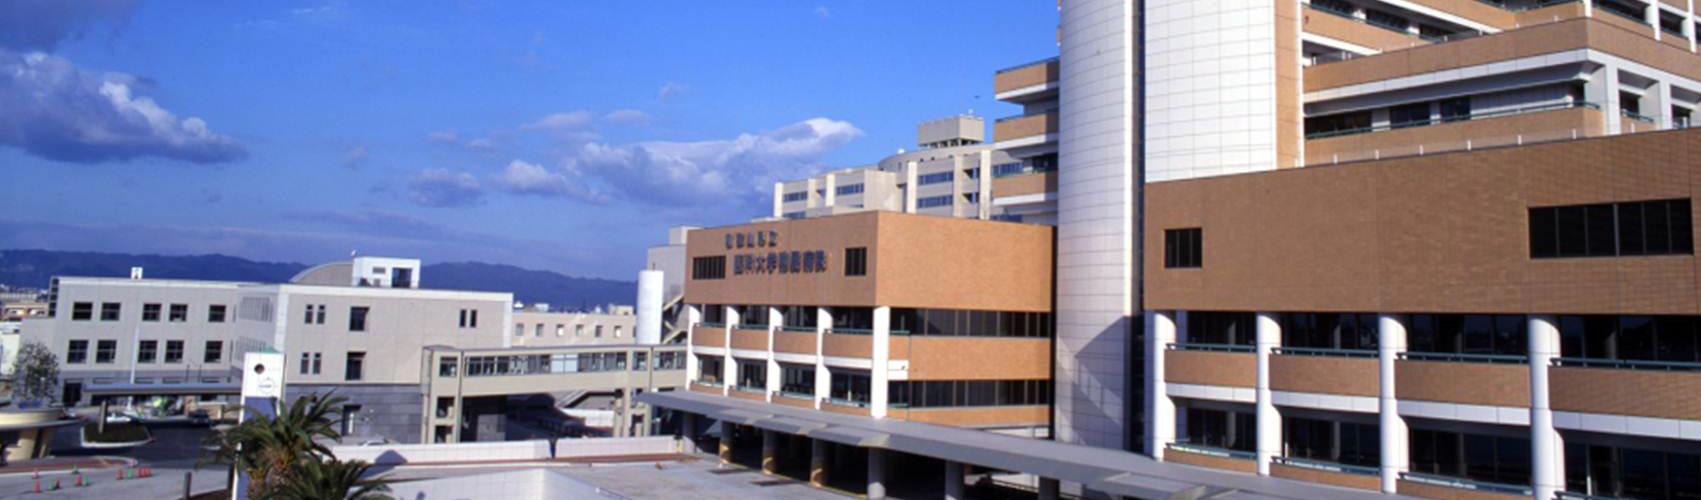 大学 和歌山 病院 医科 県立 附属